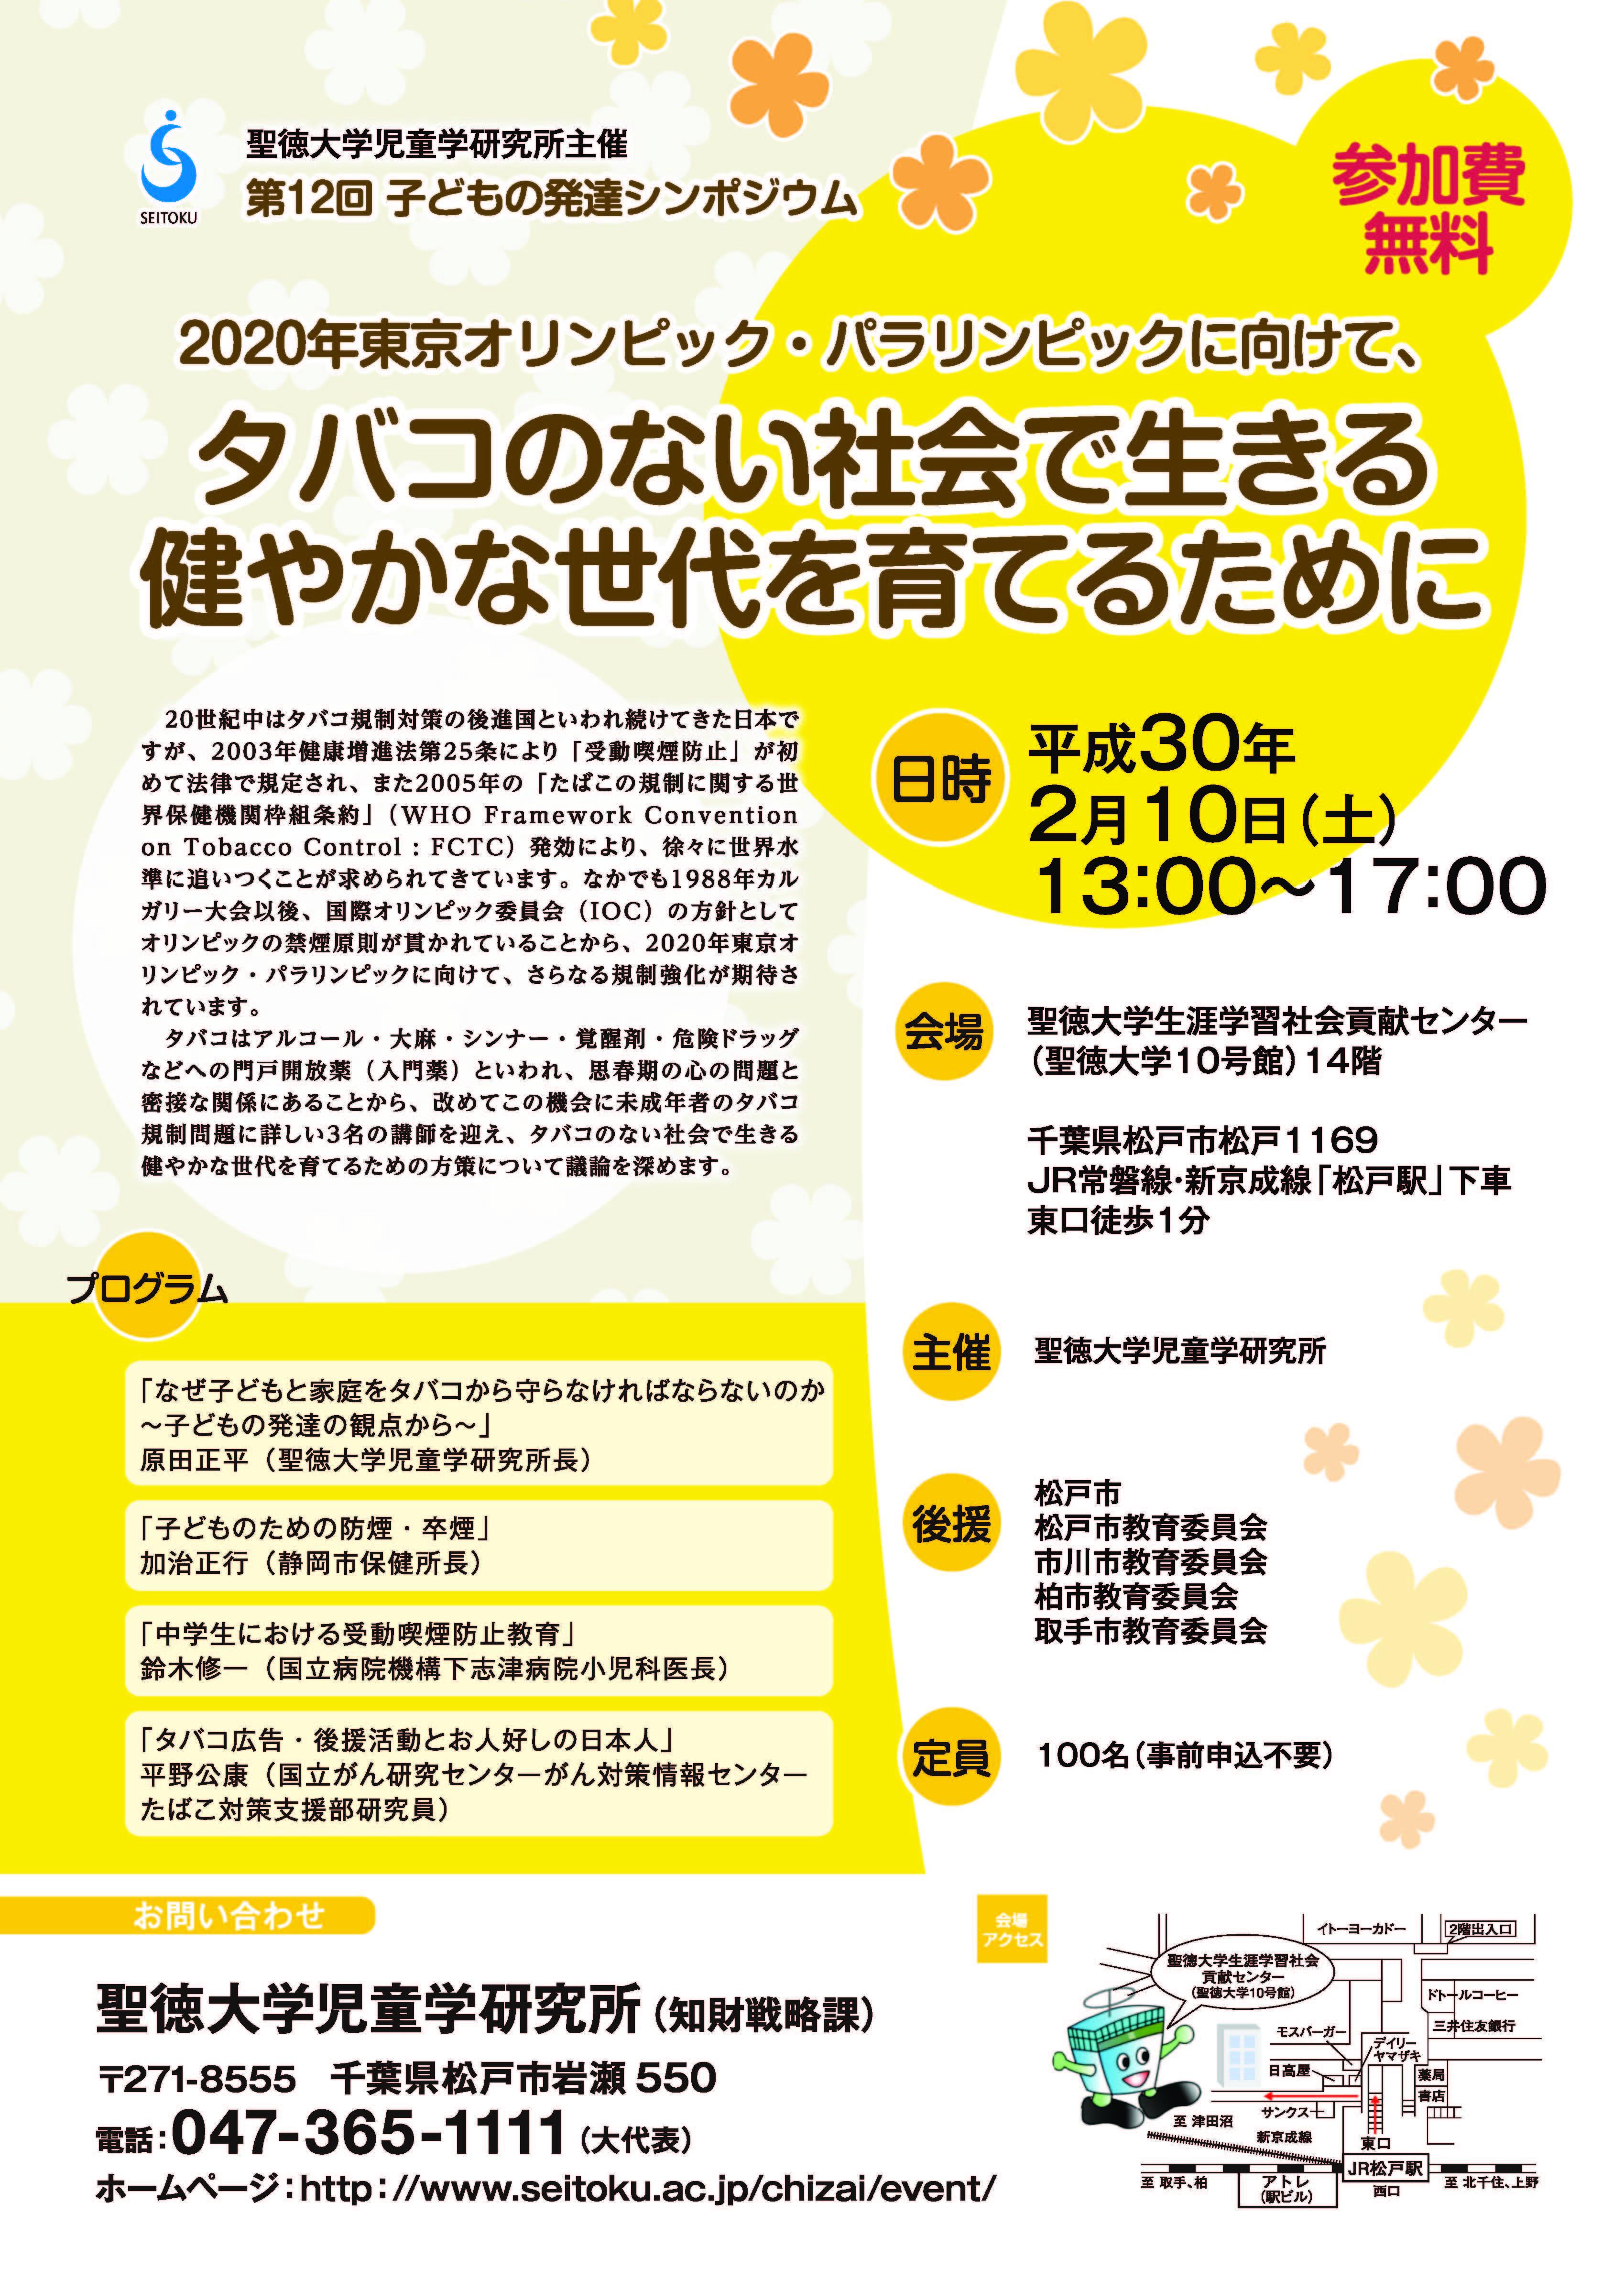 聖徳大学が2月10日に子どもの発達シンポジウム「2020年東京オリンピック・パラリンピックに向けて、タバコのない社会で生きる健やかな世代を育てるために」を開催